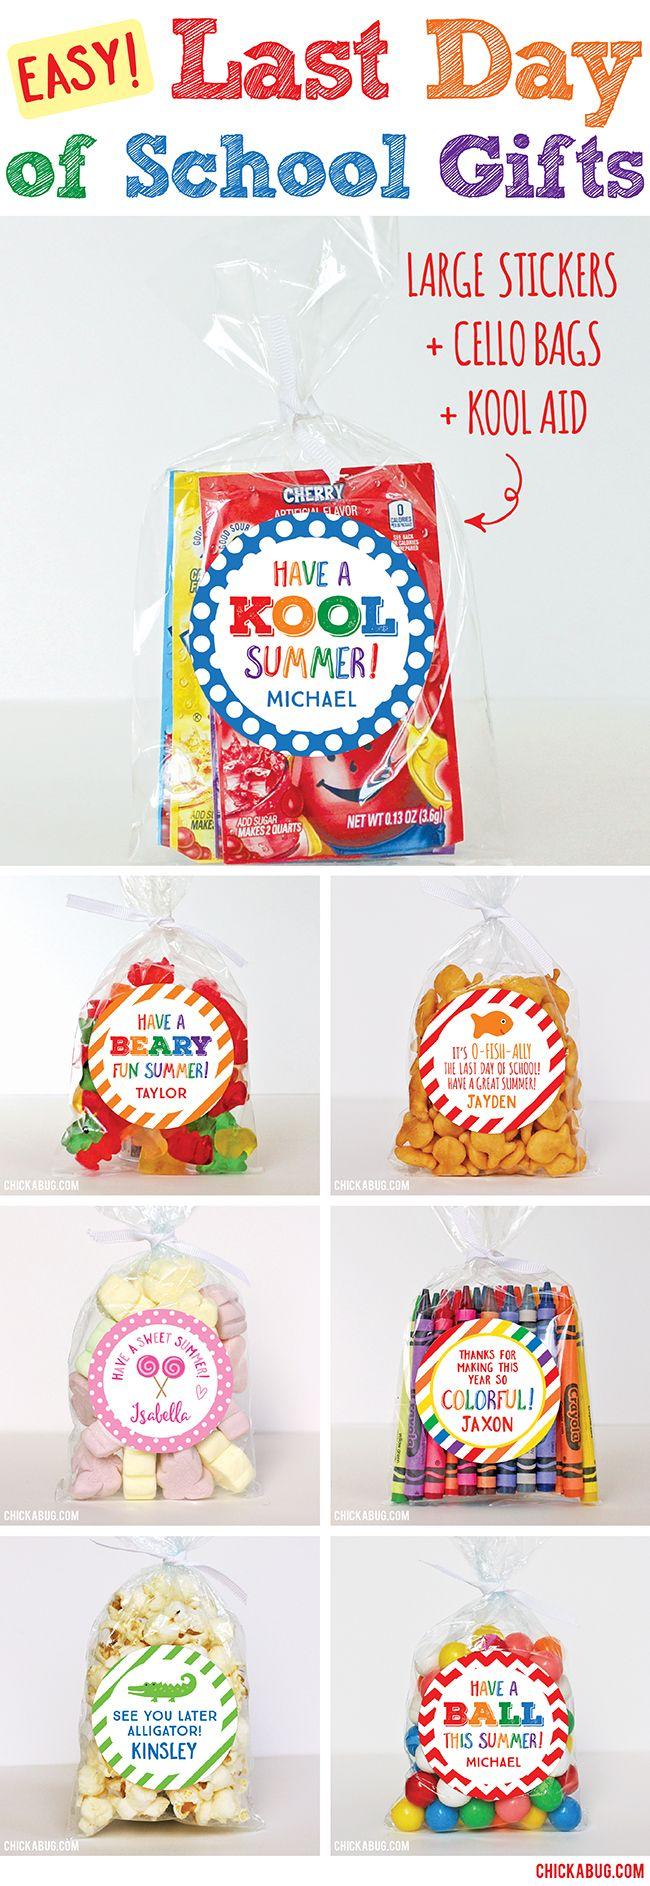 Scrapbook ideas for teachers - 25 Best Ideas About Personalized Teacher Gifts On Pinterest Teacher Gifts Preschool Teacher Gifts And Awesome Teacher Gifts